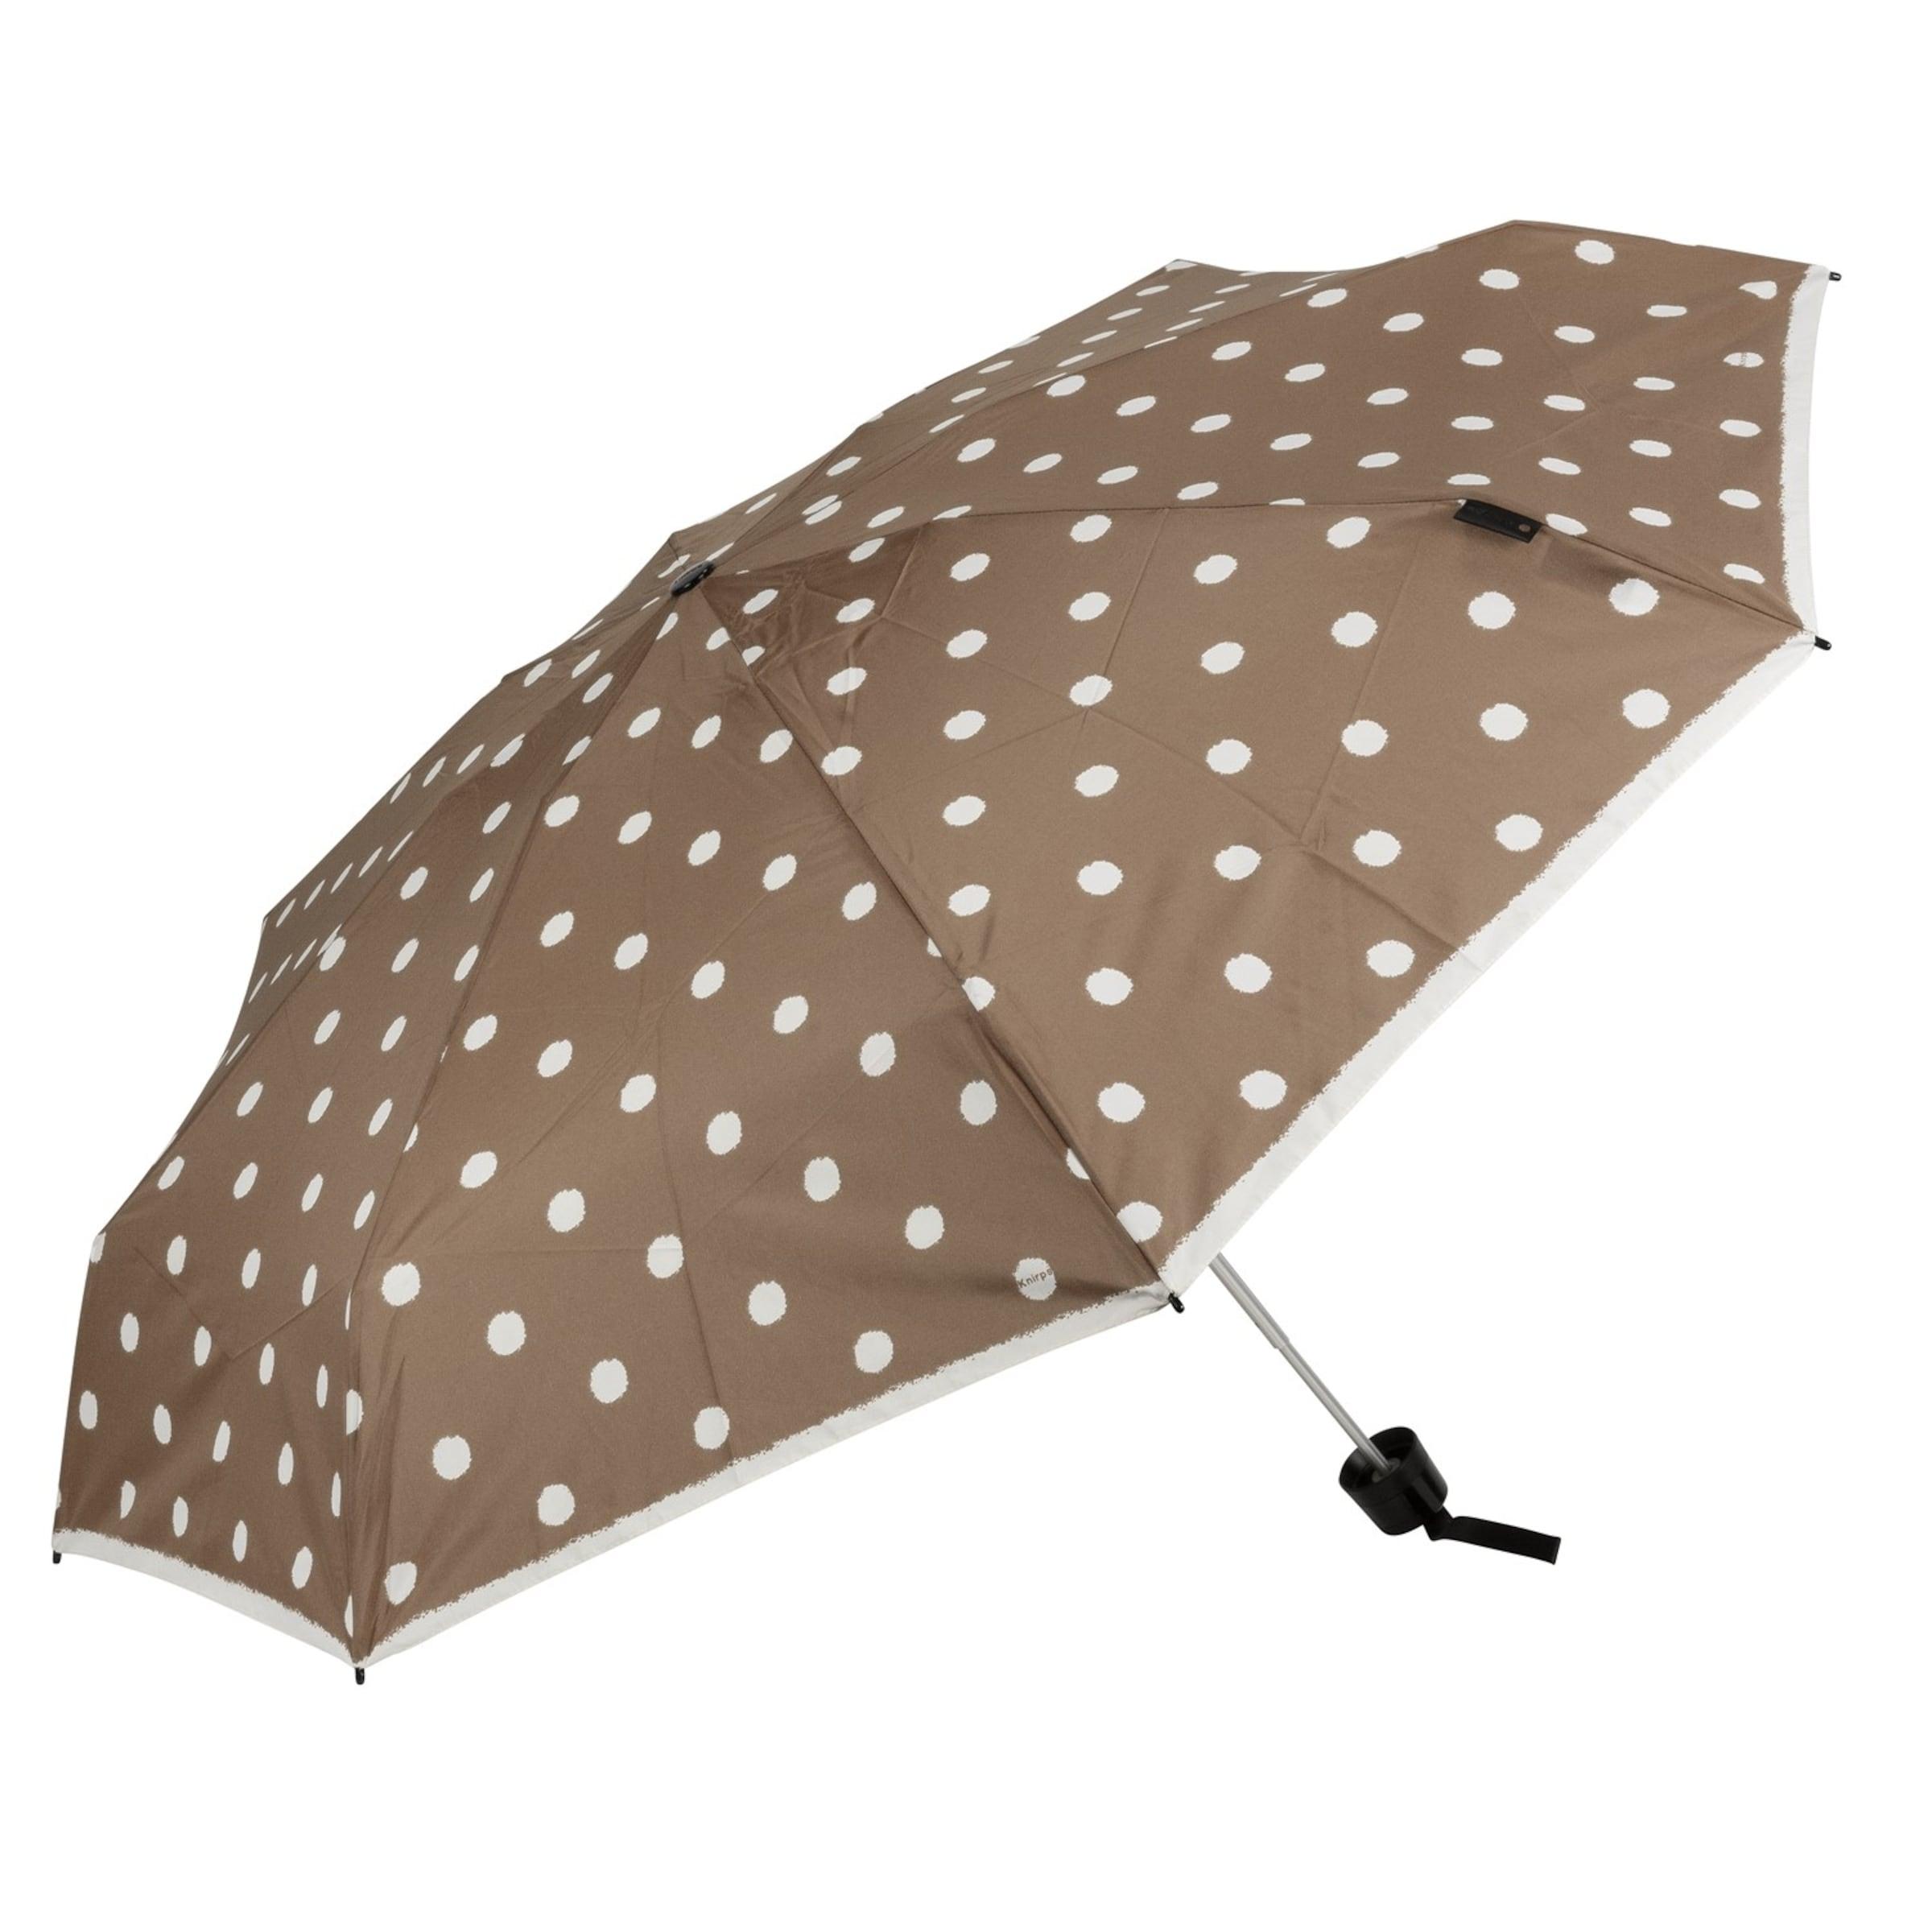 't Manual' Parapluie En 010 BeigeNoisette Knirps Small CxoWrdBe